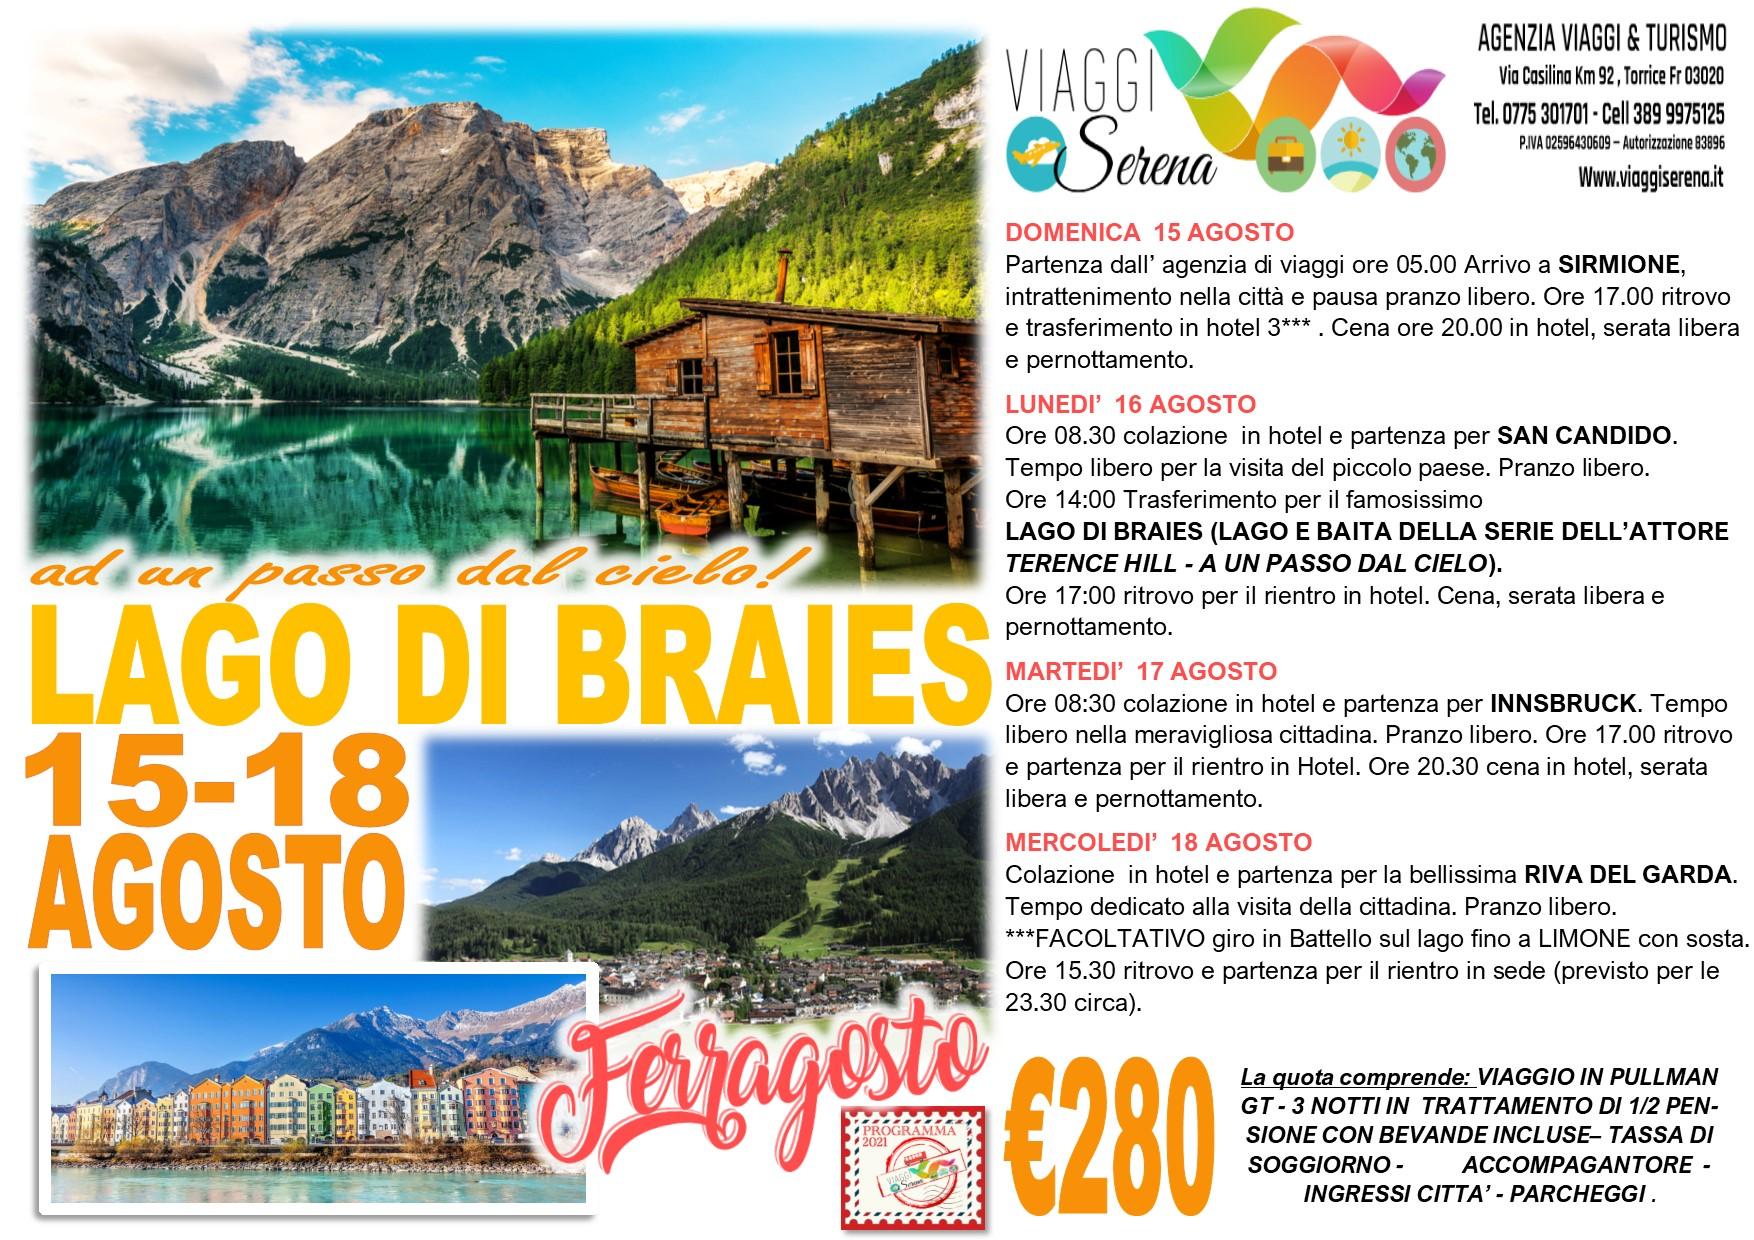 Viaggi di Gruppo:  Ferragosto Lago di BRAIES , San Candido, Innsbruck  & Sirmione  15-18 Agosto € 280,00